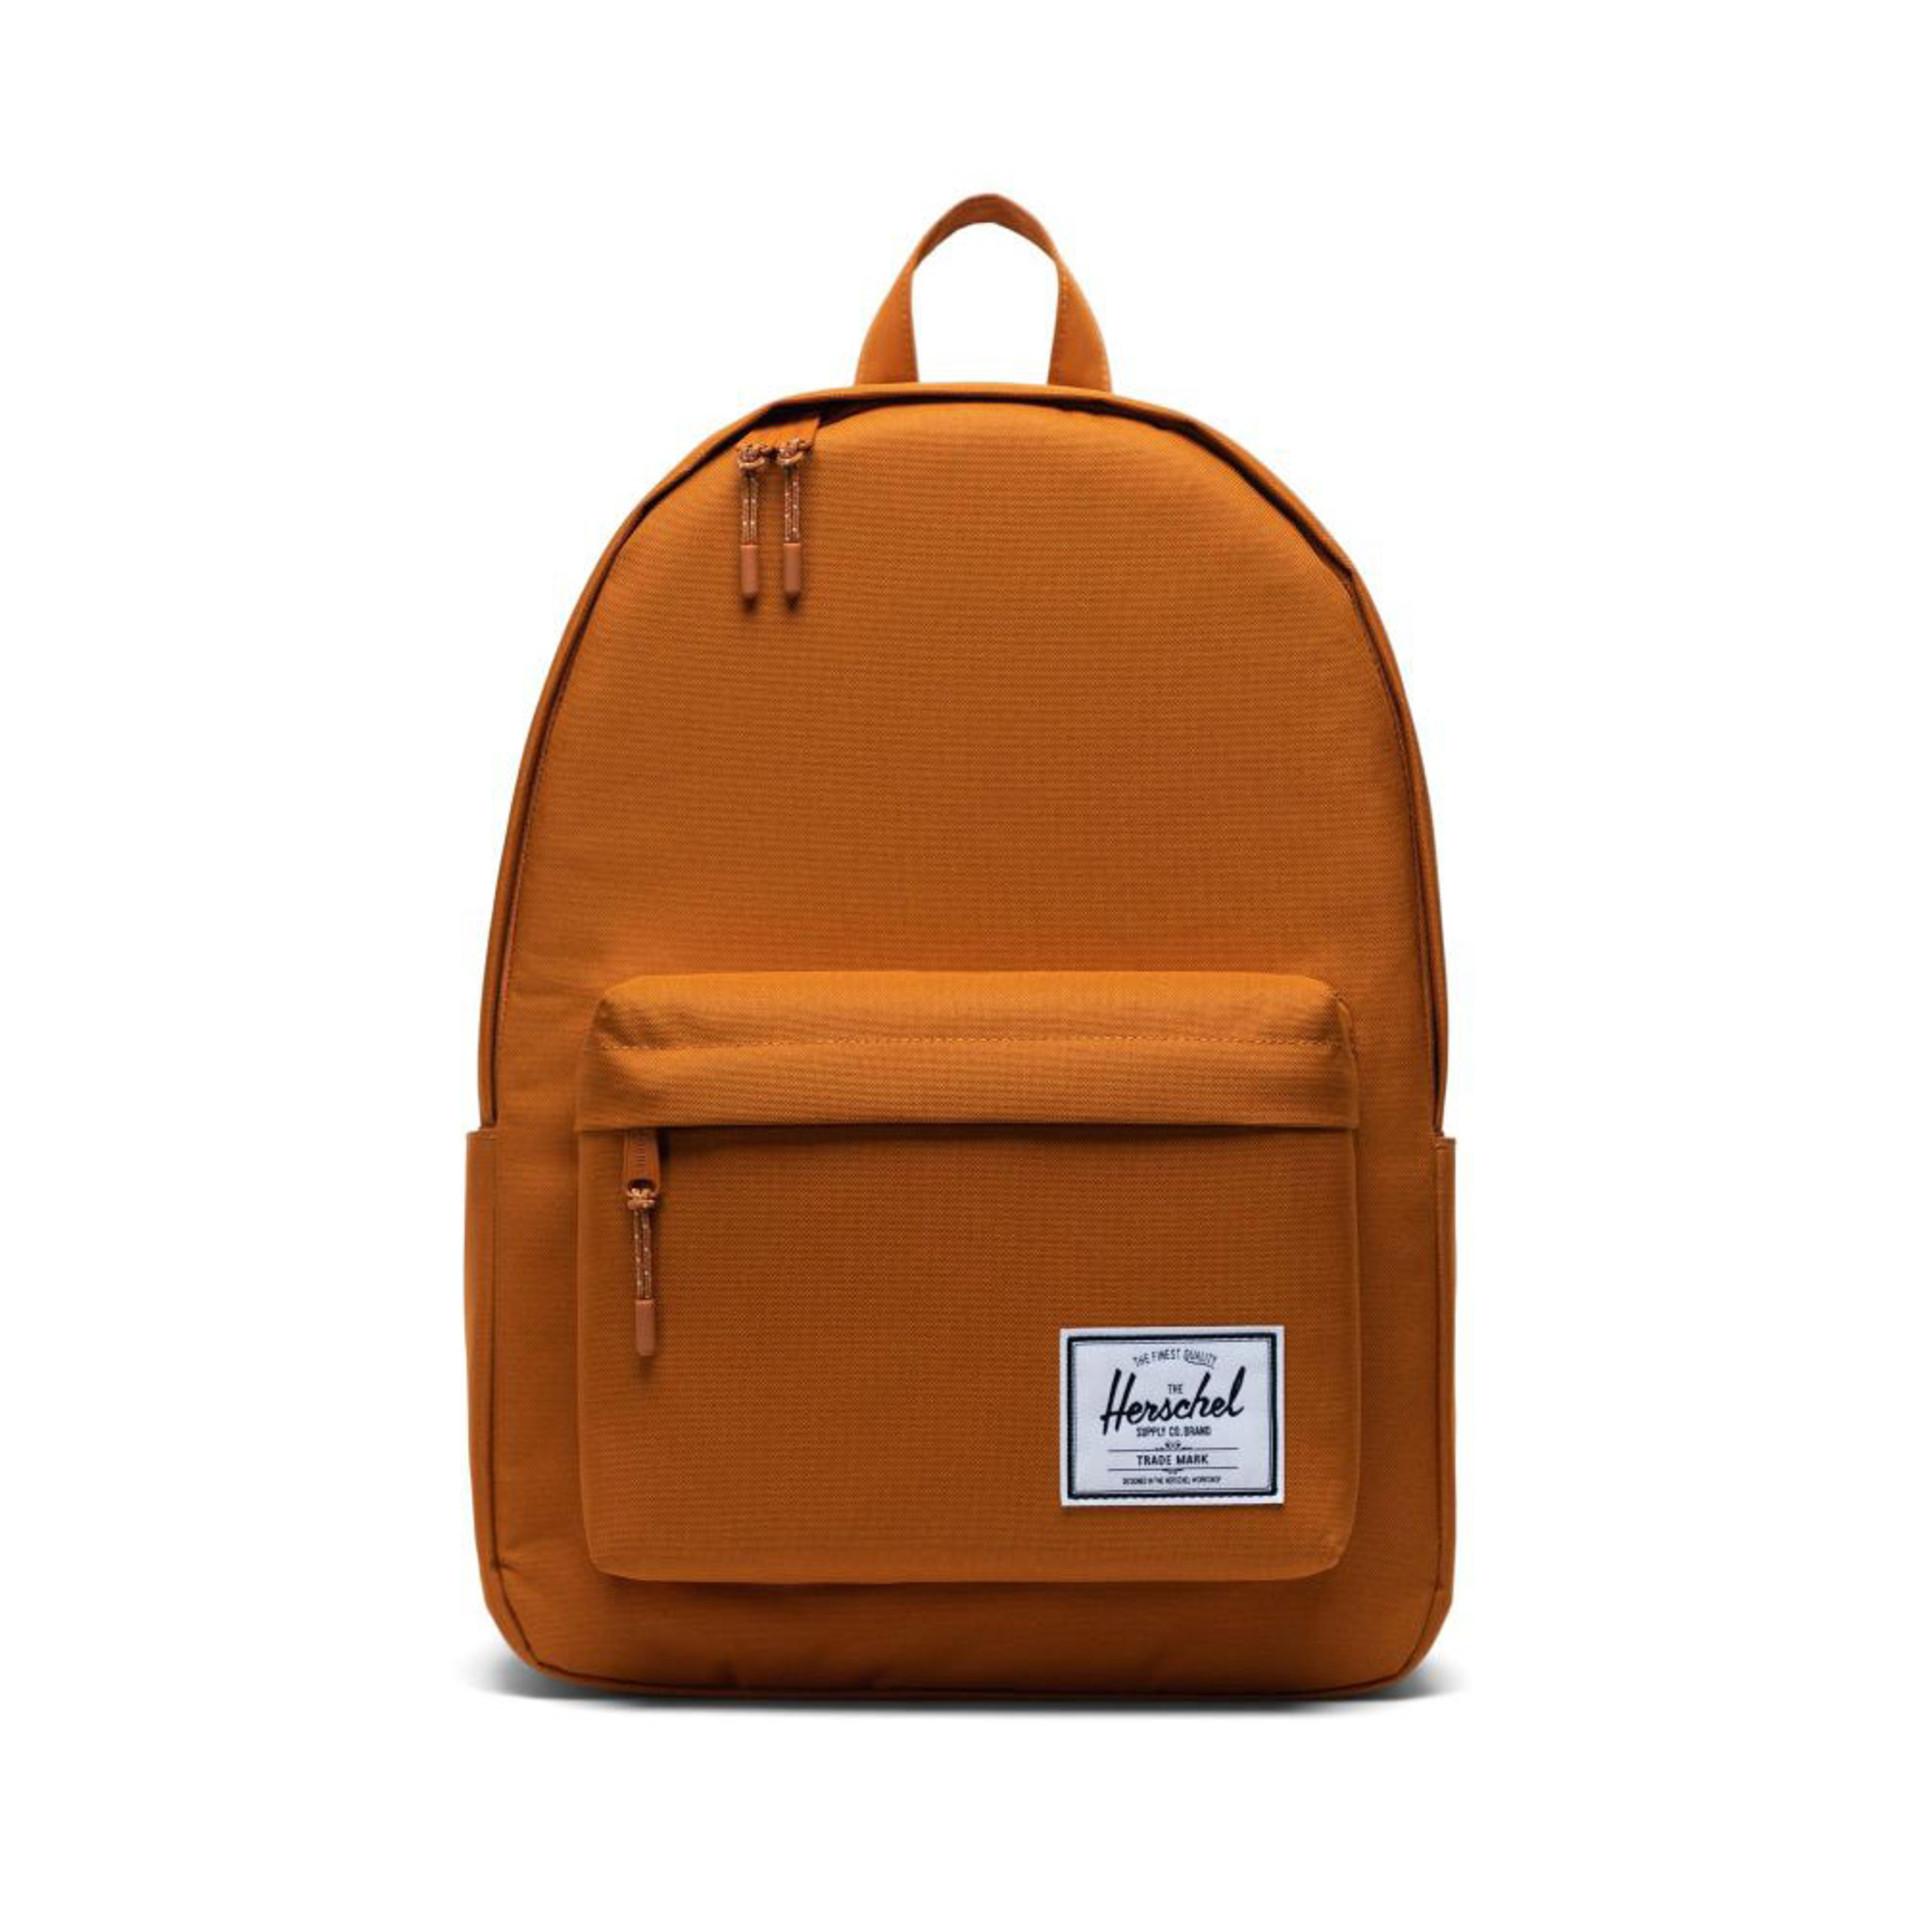 Herschel Classic XL Backpack – Pumpkin